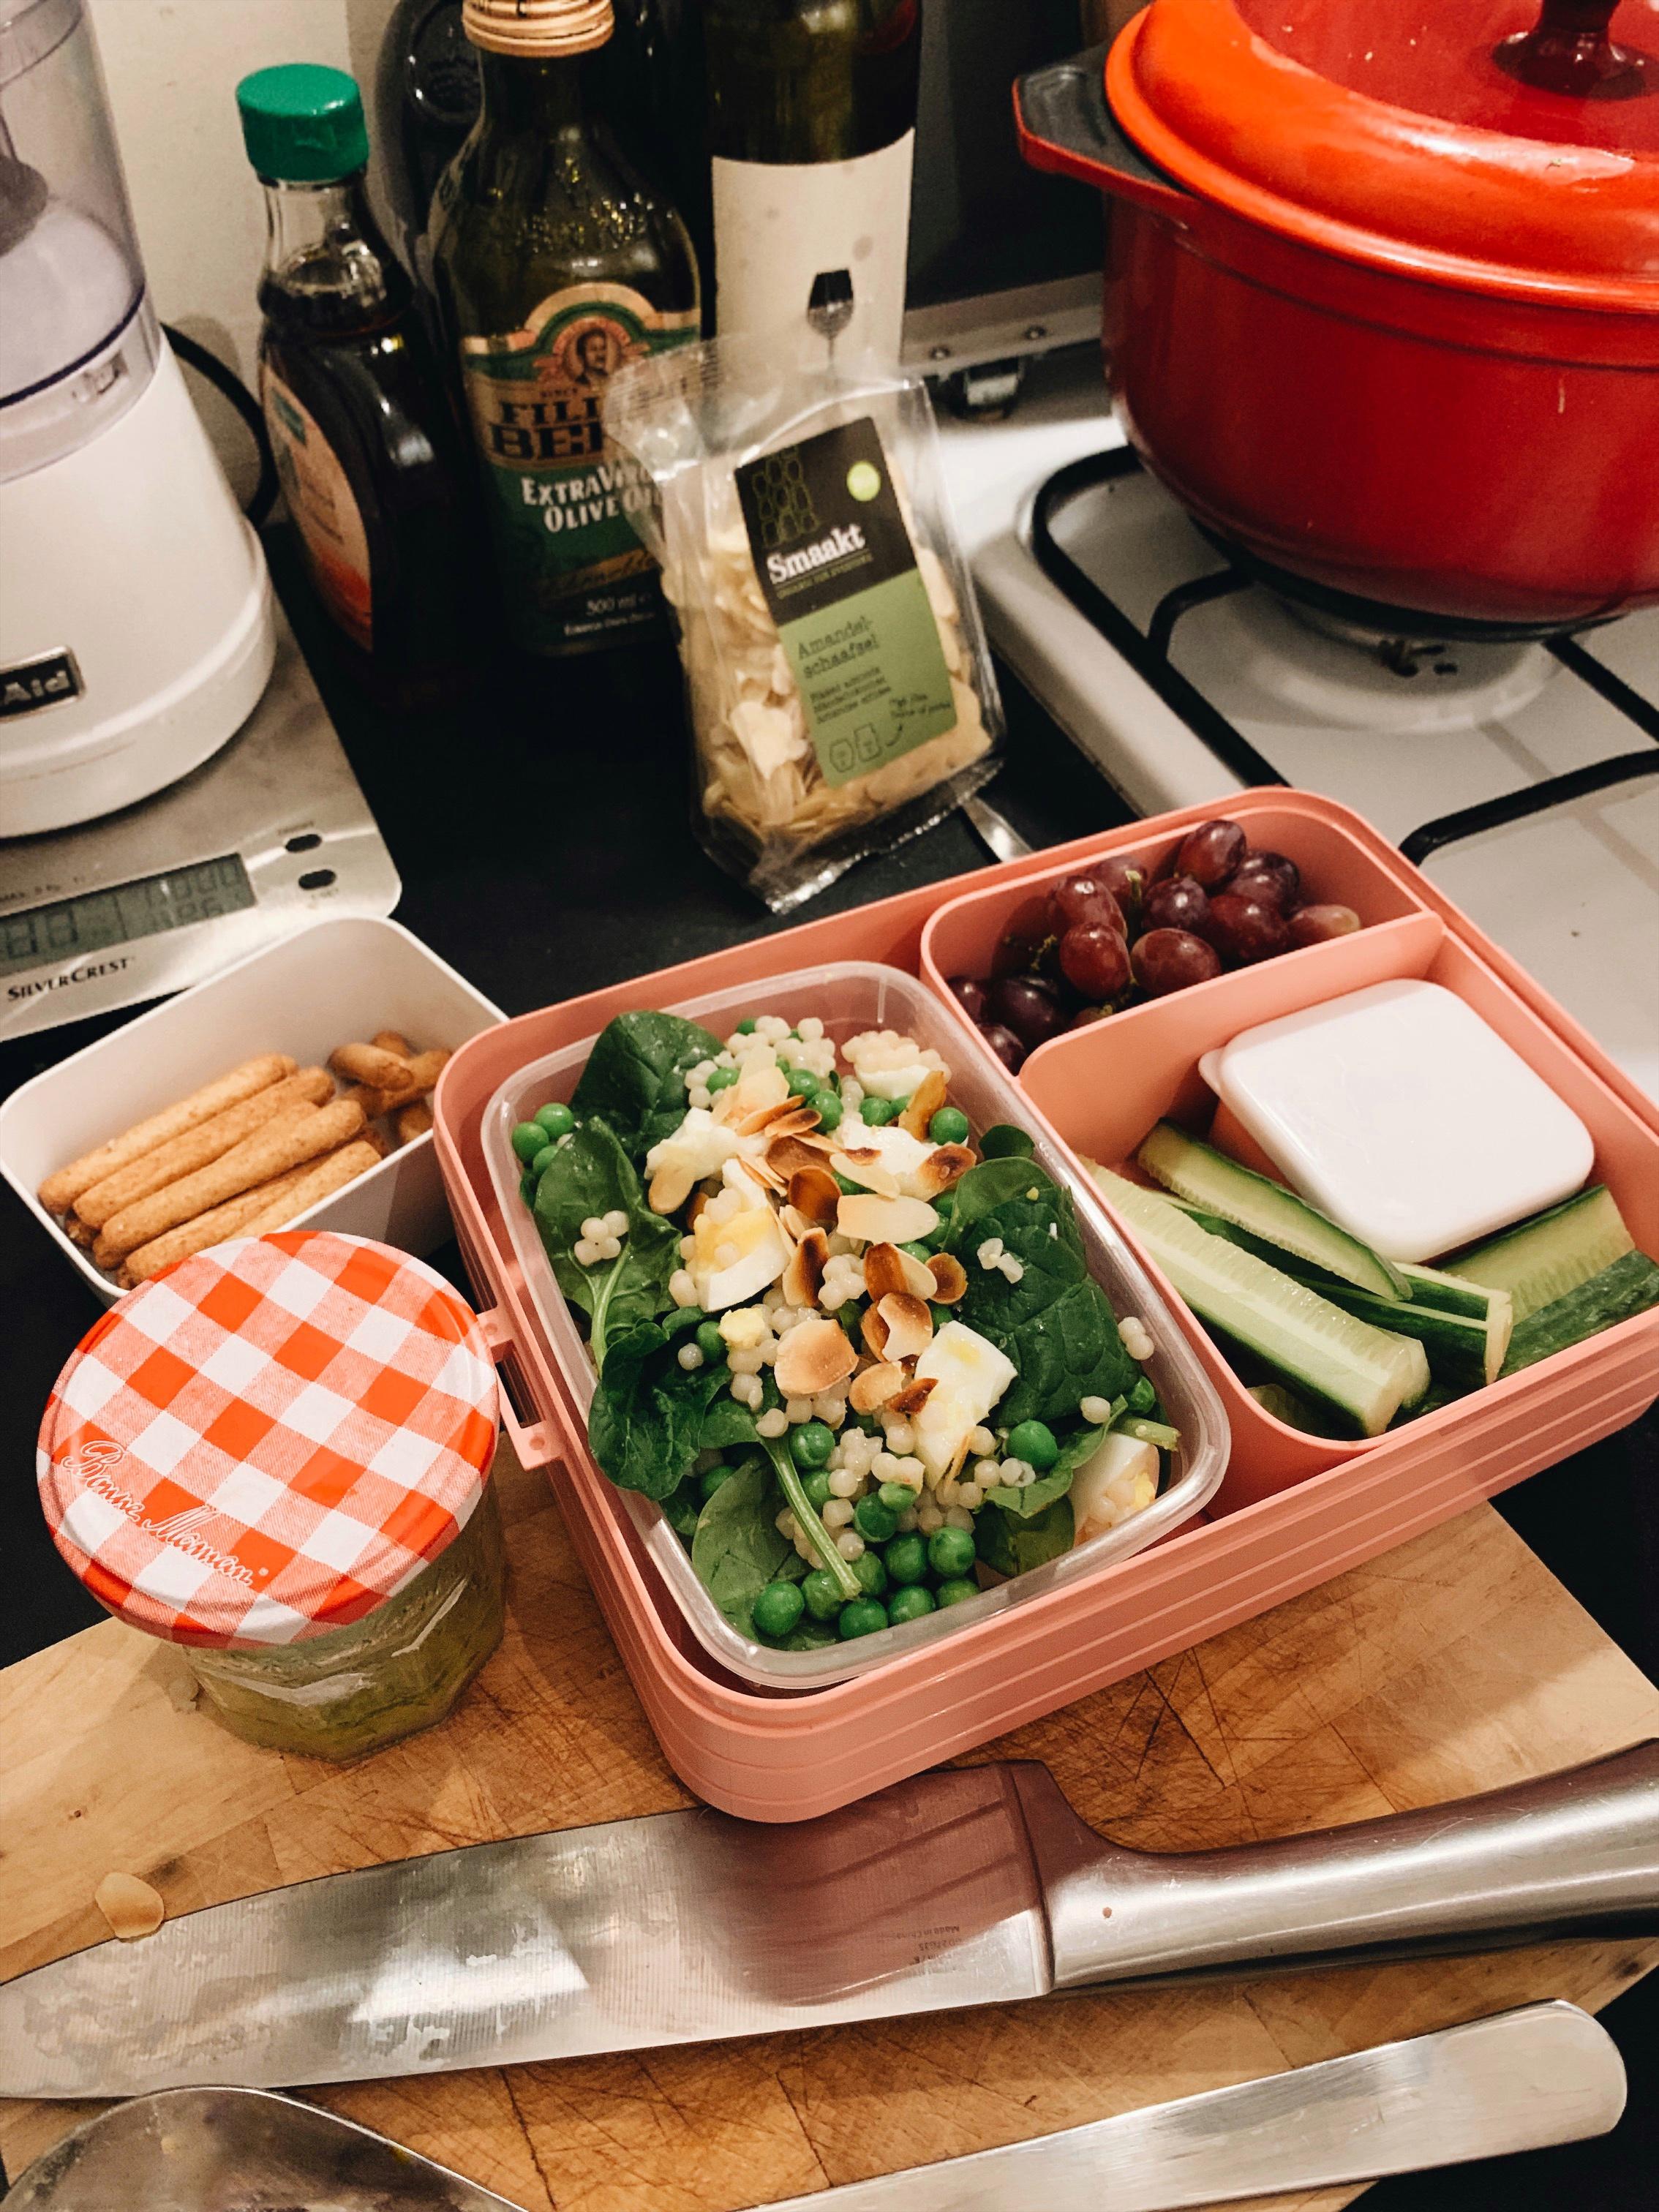 Spinazie-couscoussalade met ei, geroosterd amandelschaafsel, druiven, hummus met komkommer, mini-soepstengels en dressing in een jampotje.